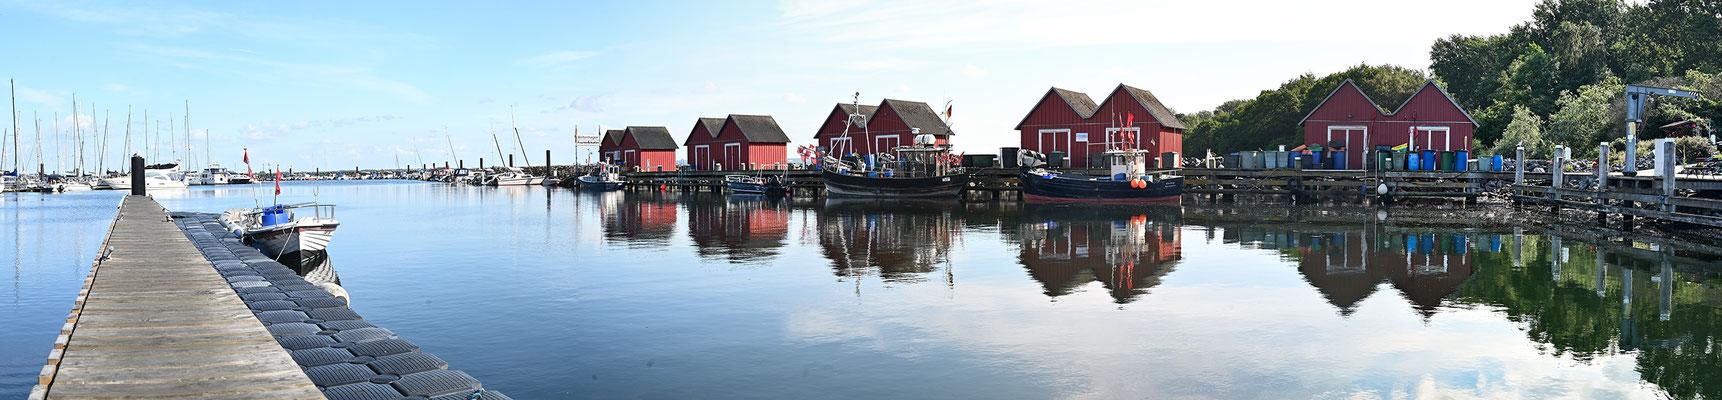 Fischerhafen, Boltenhagen